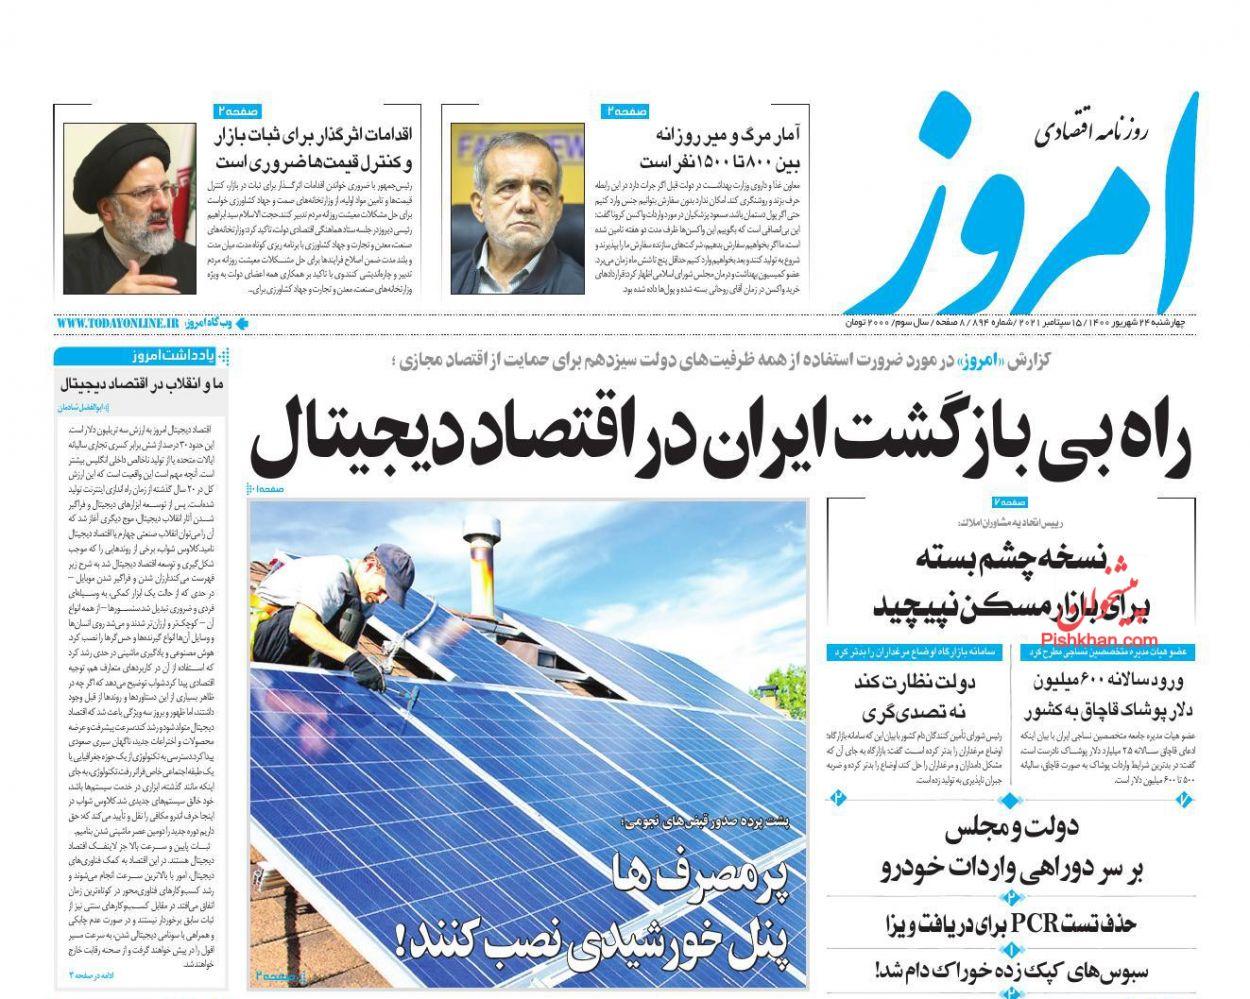 عناوین اخبار روزنامه امروز در روز چهارشنبه ۲۴ شهريور